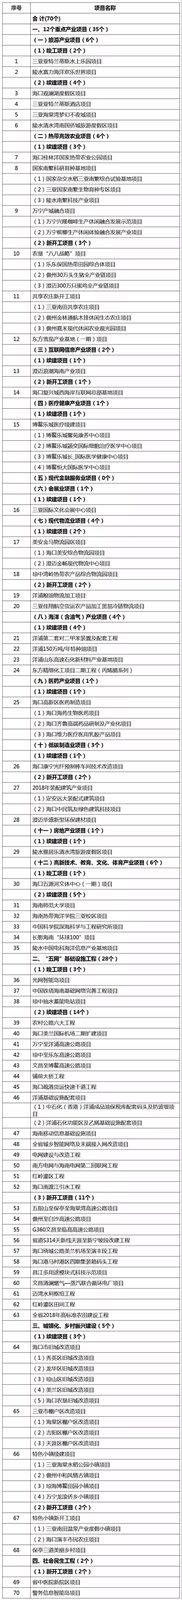 规划 | 投资624亿元!2018年海南省重点项目全在这(附详表)